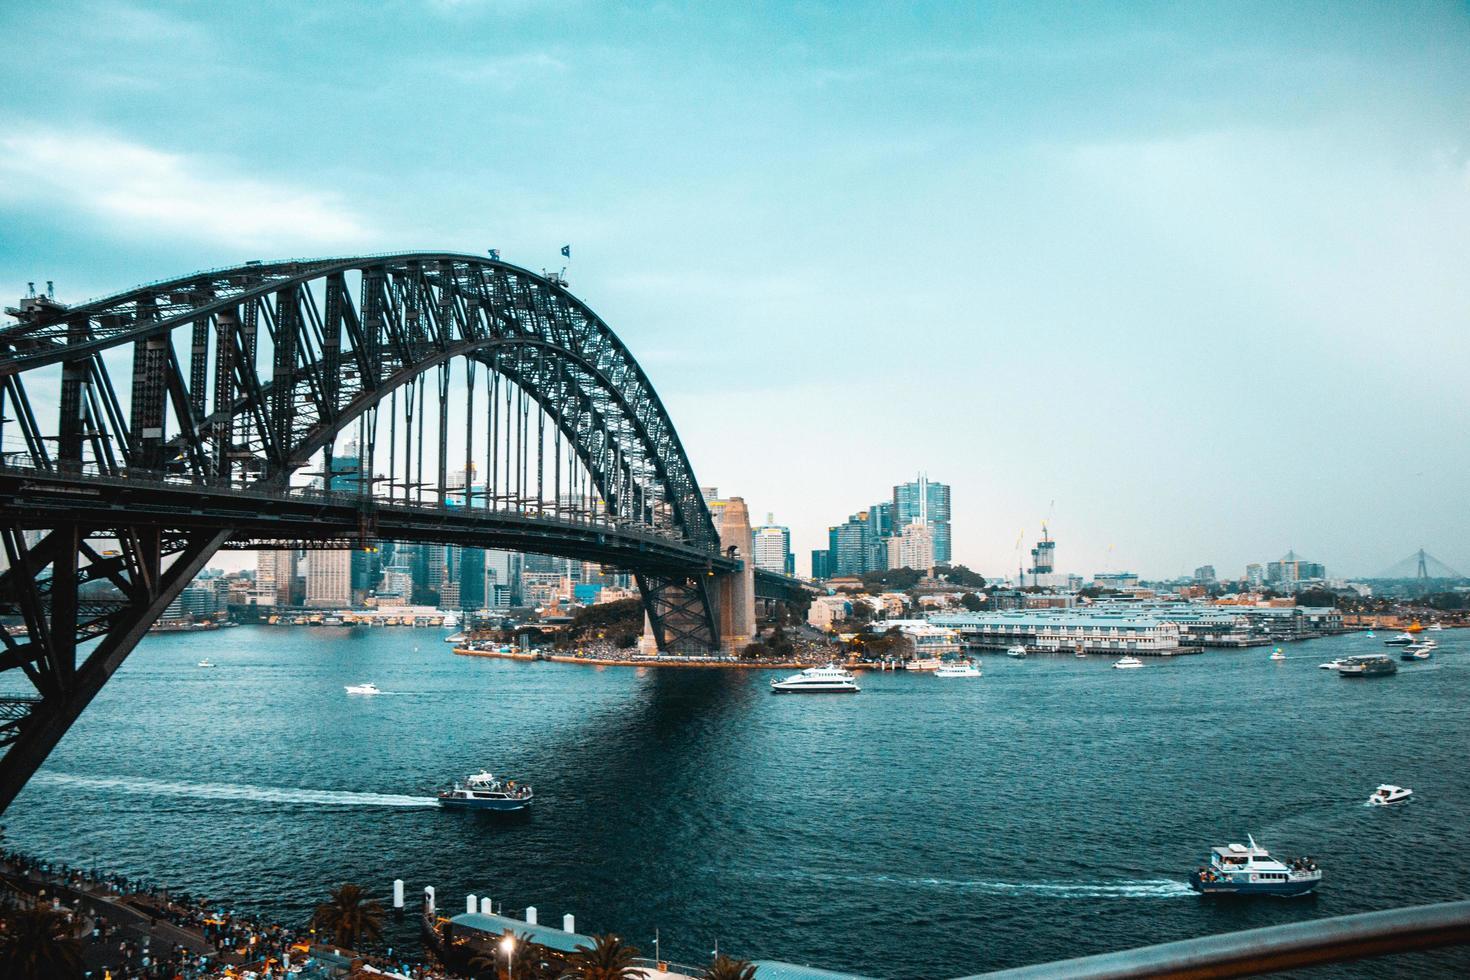 le barche attraversano la città foto